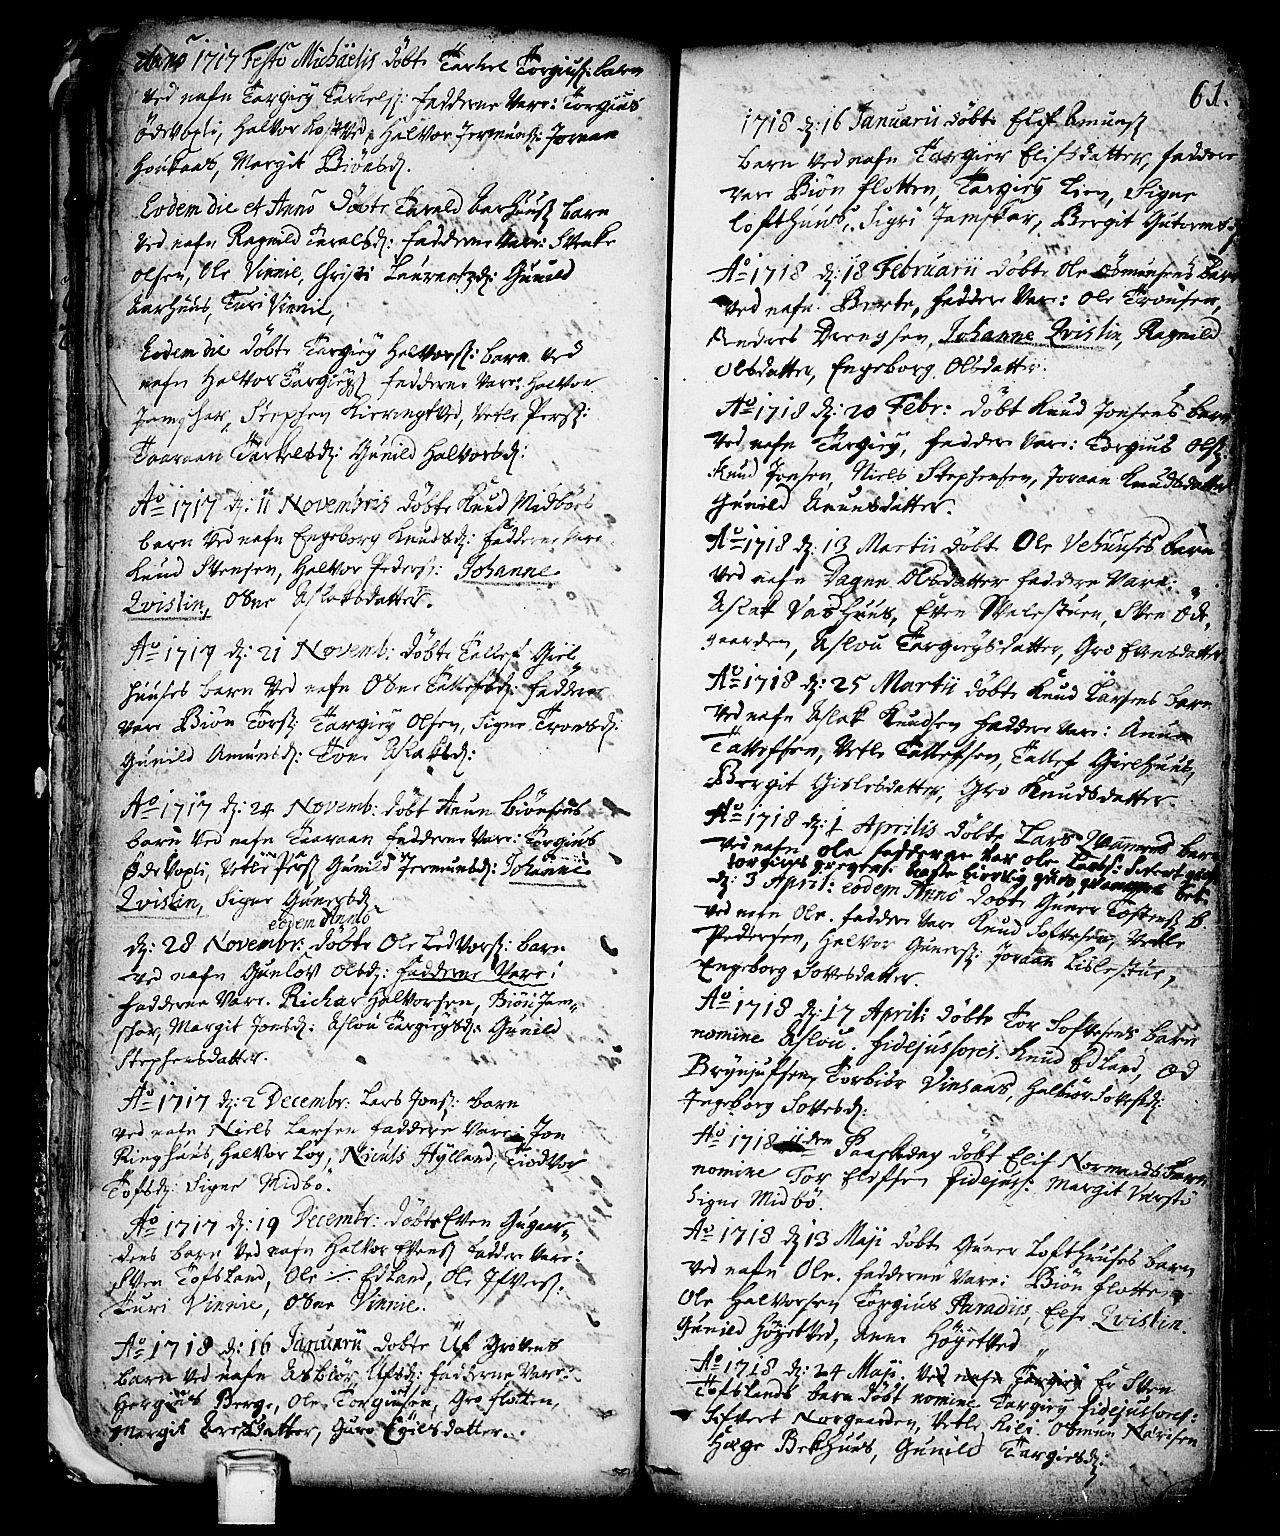 SAKO, Vinje kirkebøker, F/Fa/L0001: Ministerialbok nr. I 1, 1717-1766, s. 61